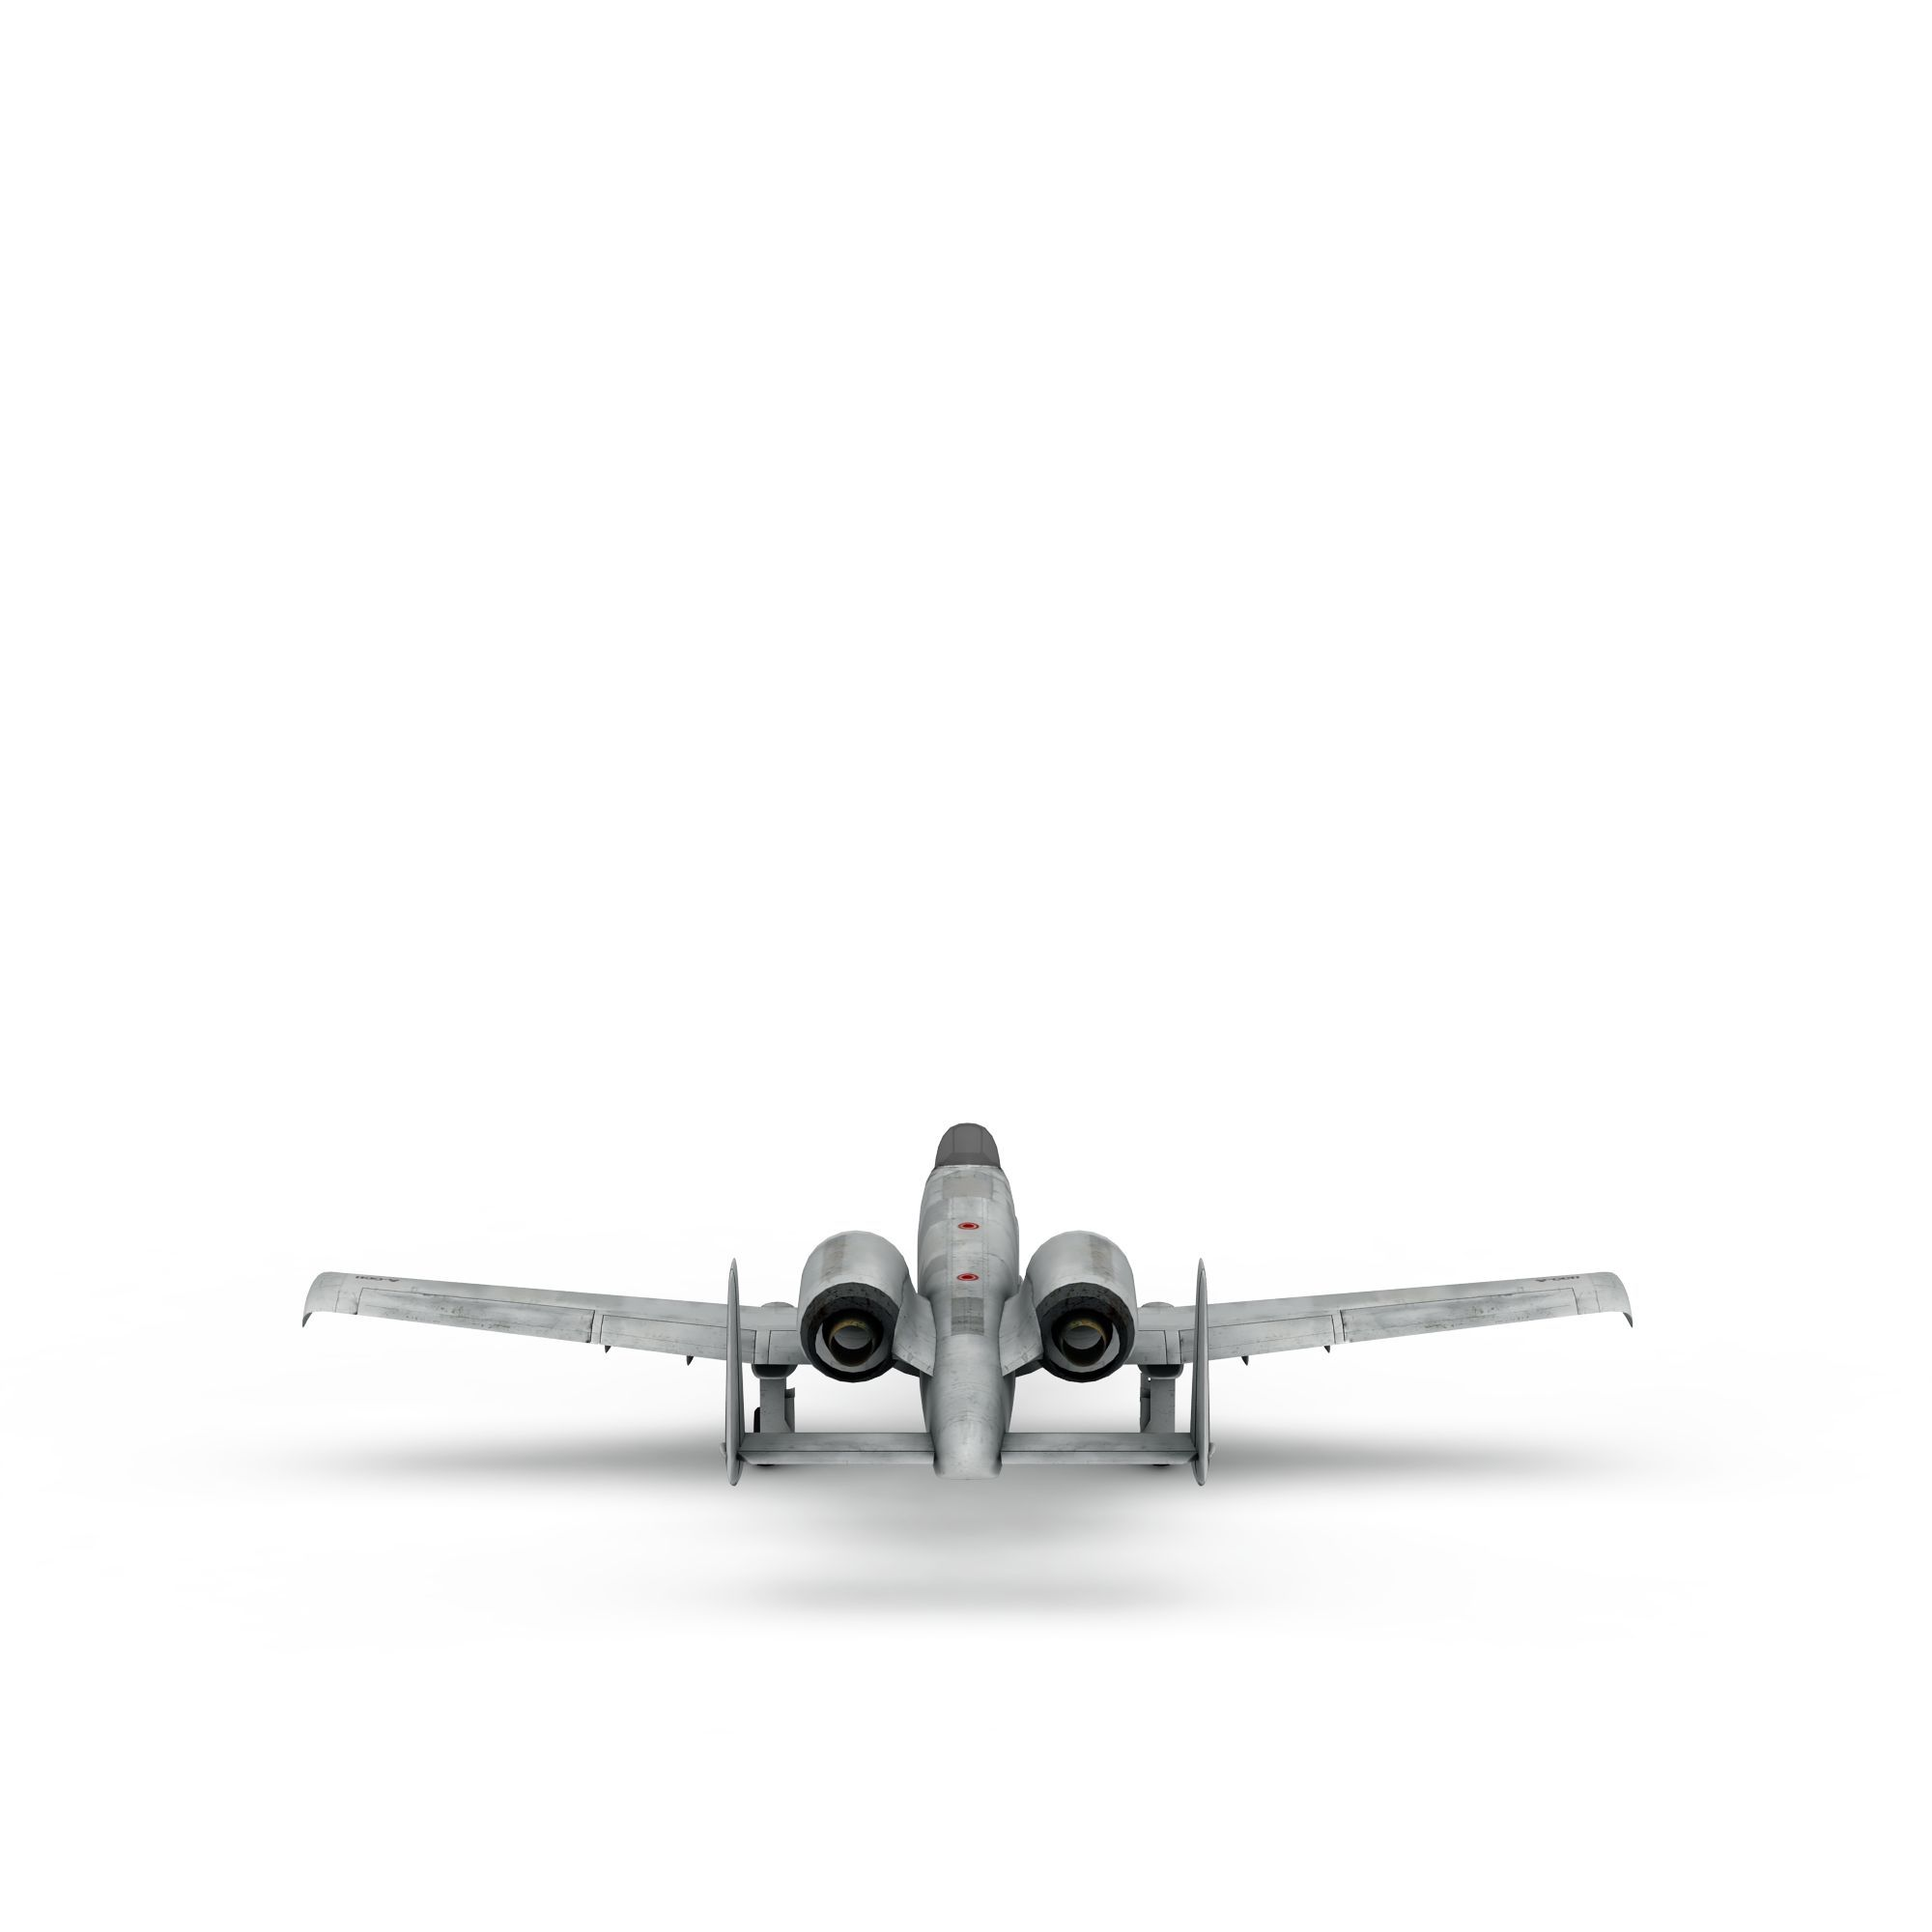 军事飞机图片_军事飞机png图片素材_军事飞机png高清